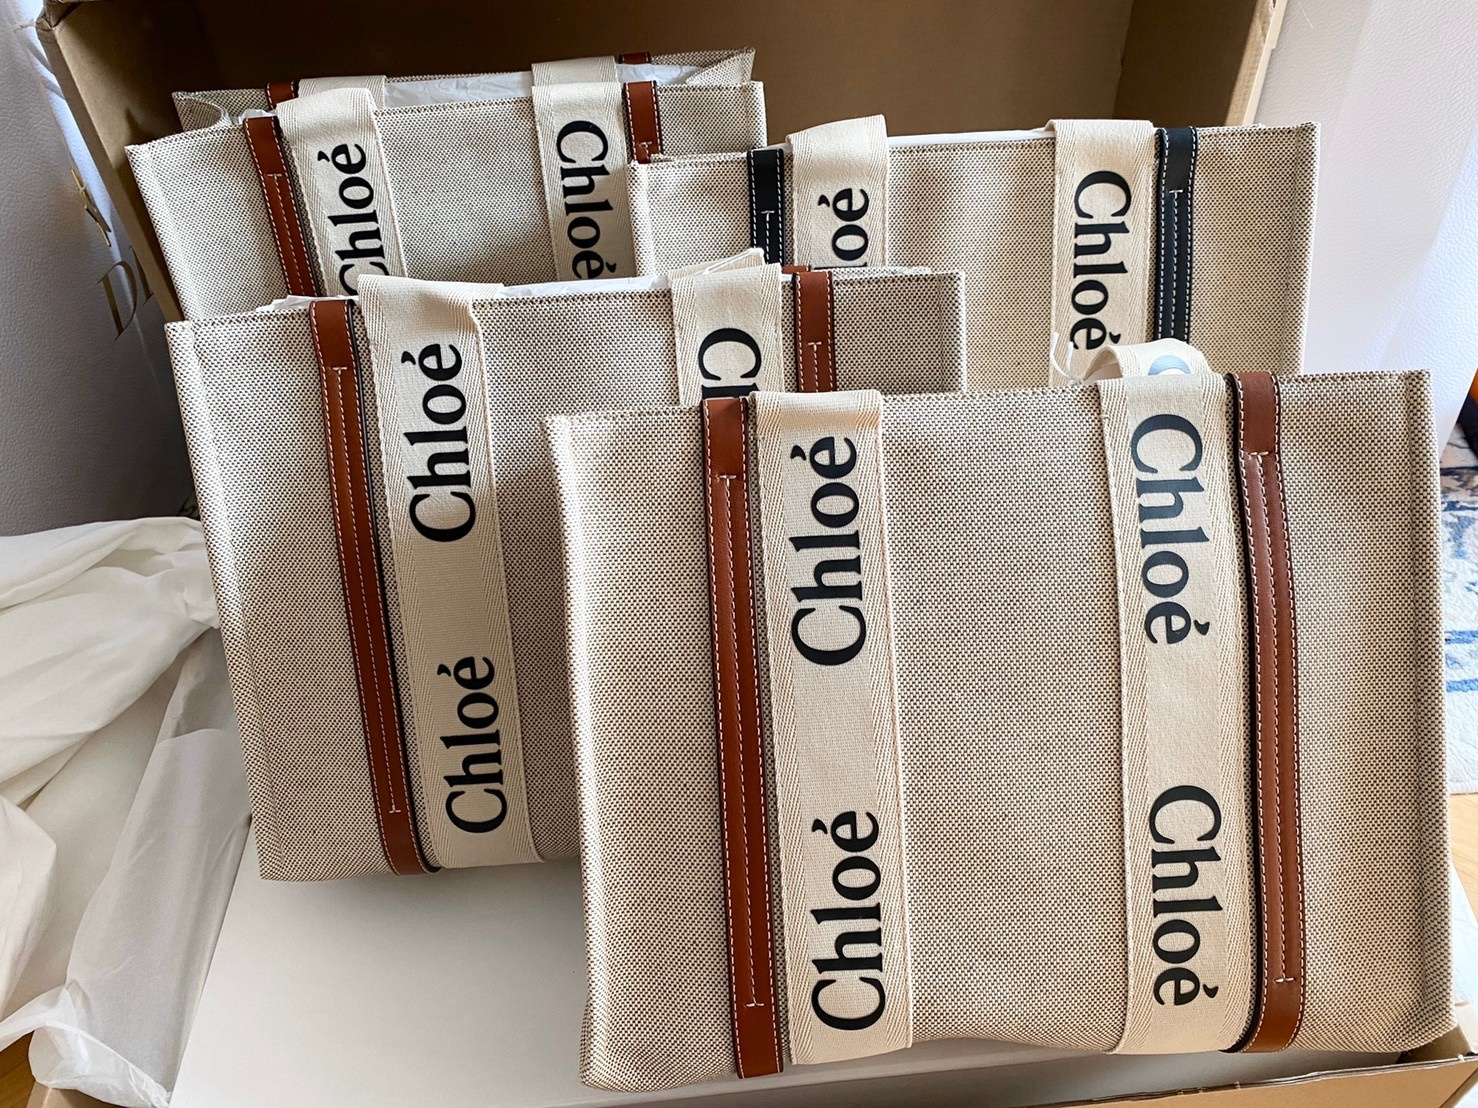 現貨預購本人親自拍攝勿盜圖 Chloe woody tote托特包